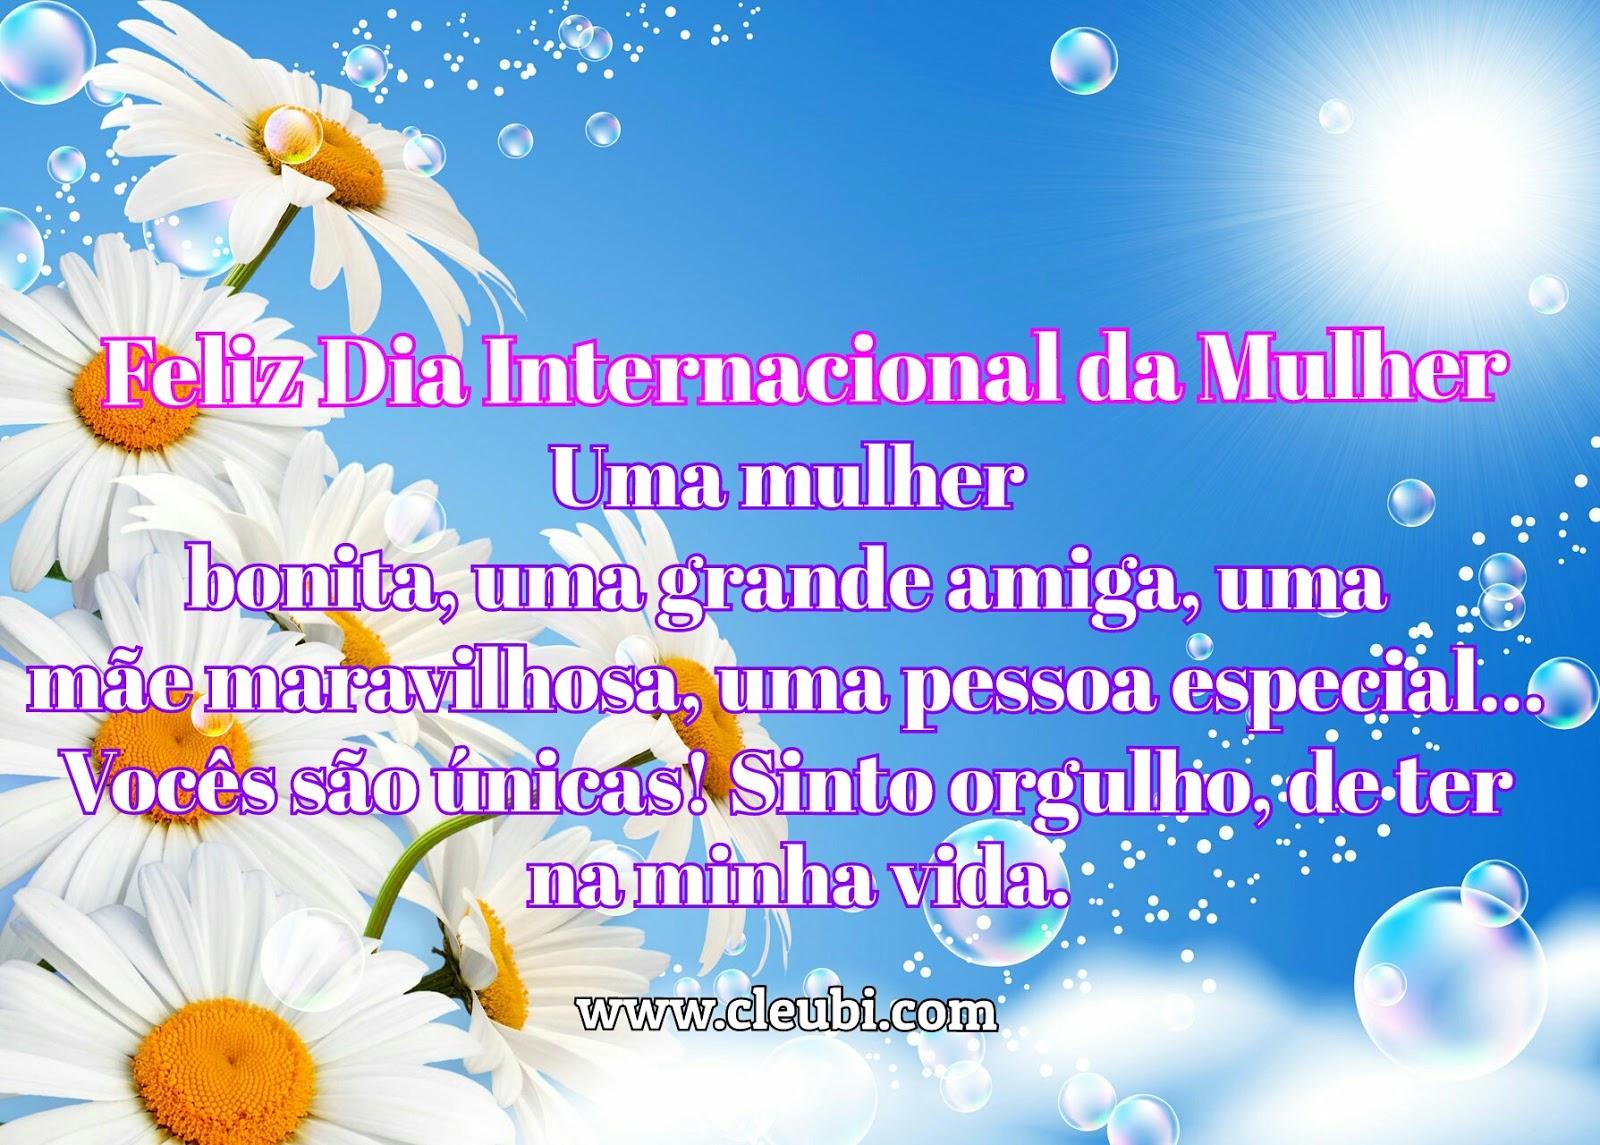 Well-known Mensagens Para O Dia Internacional da Mulher MF15